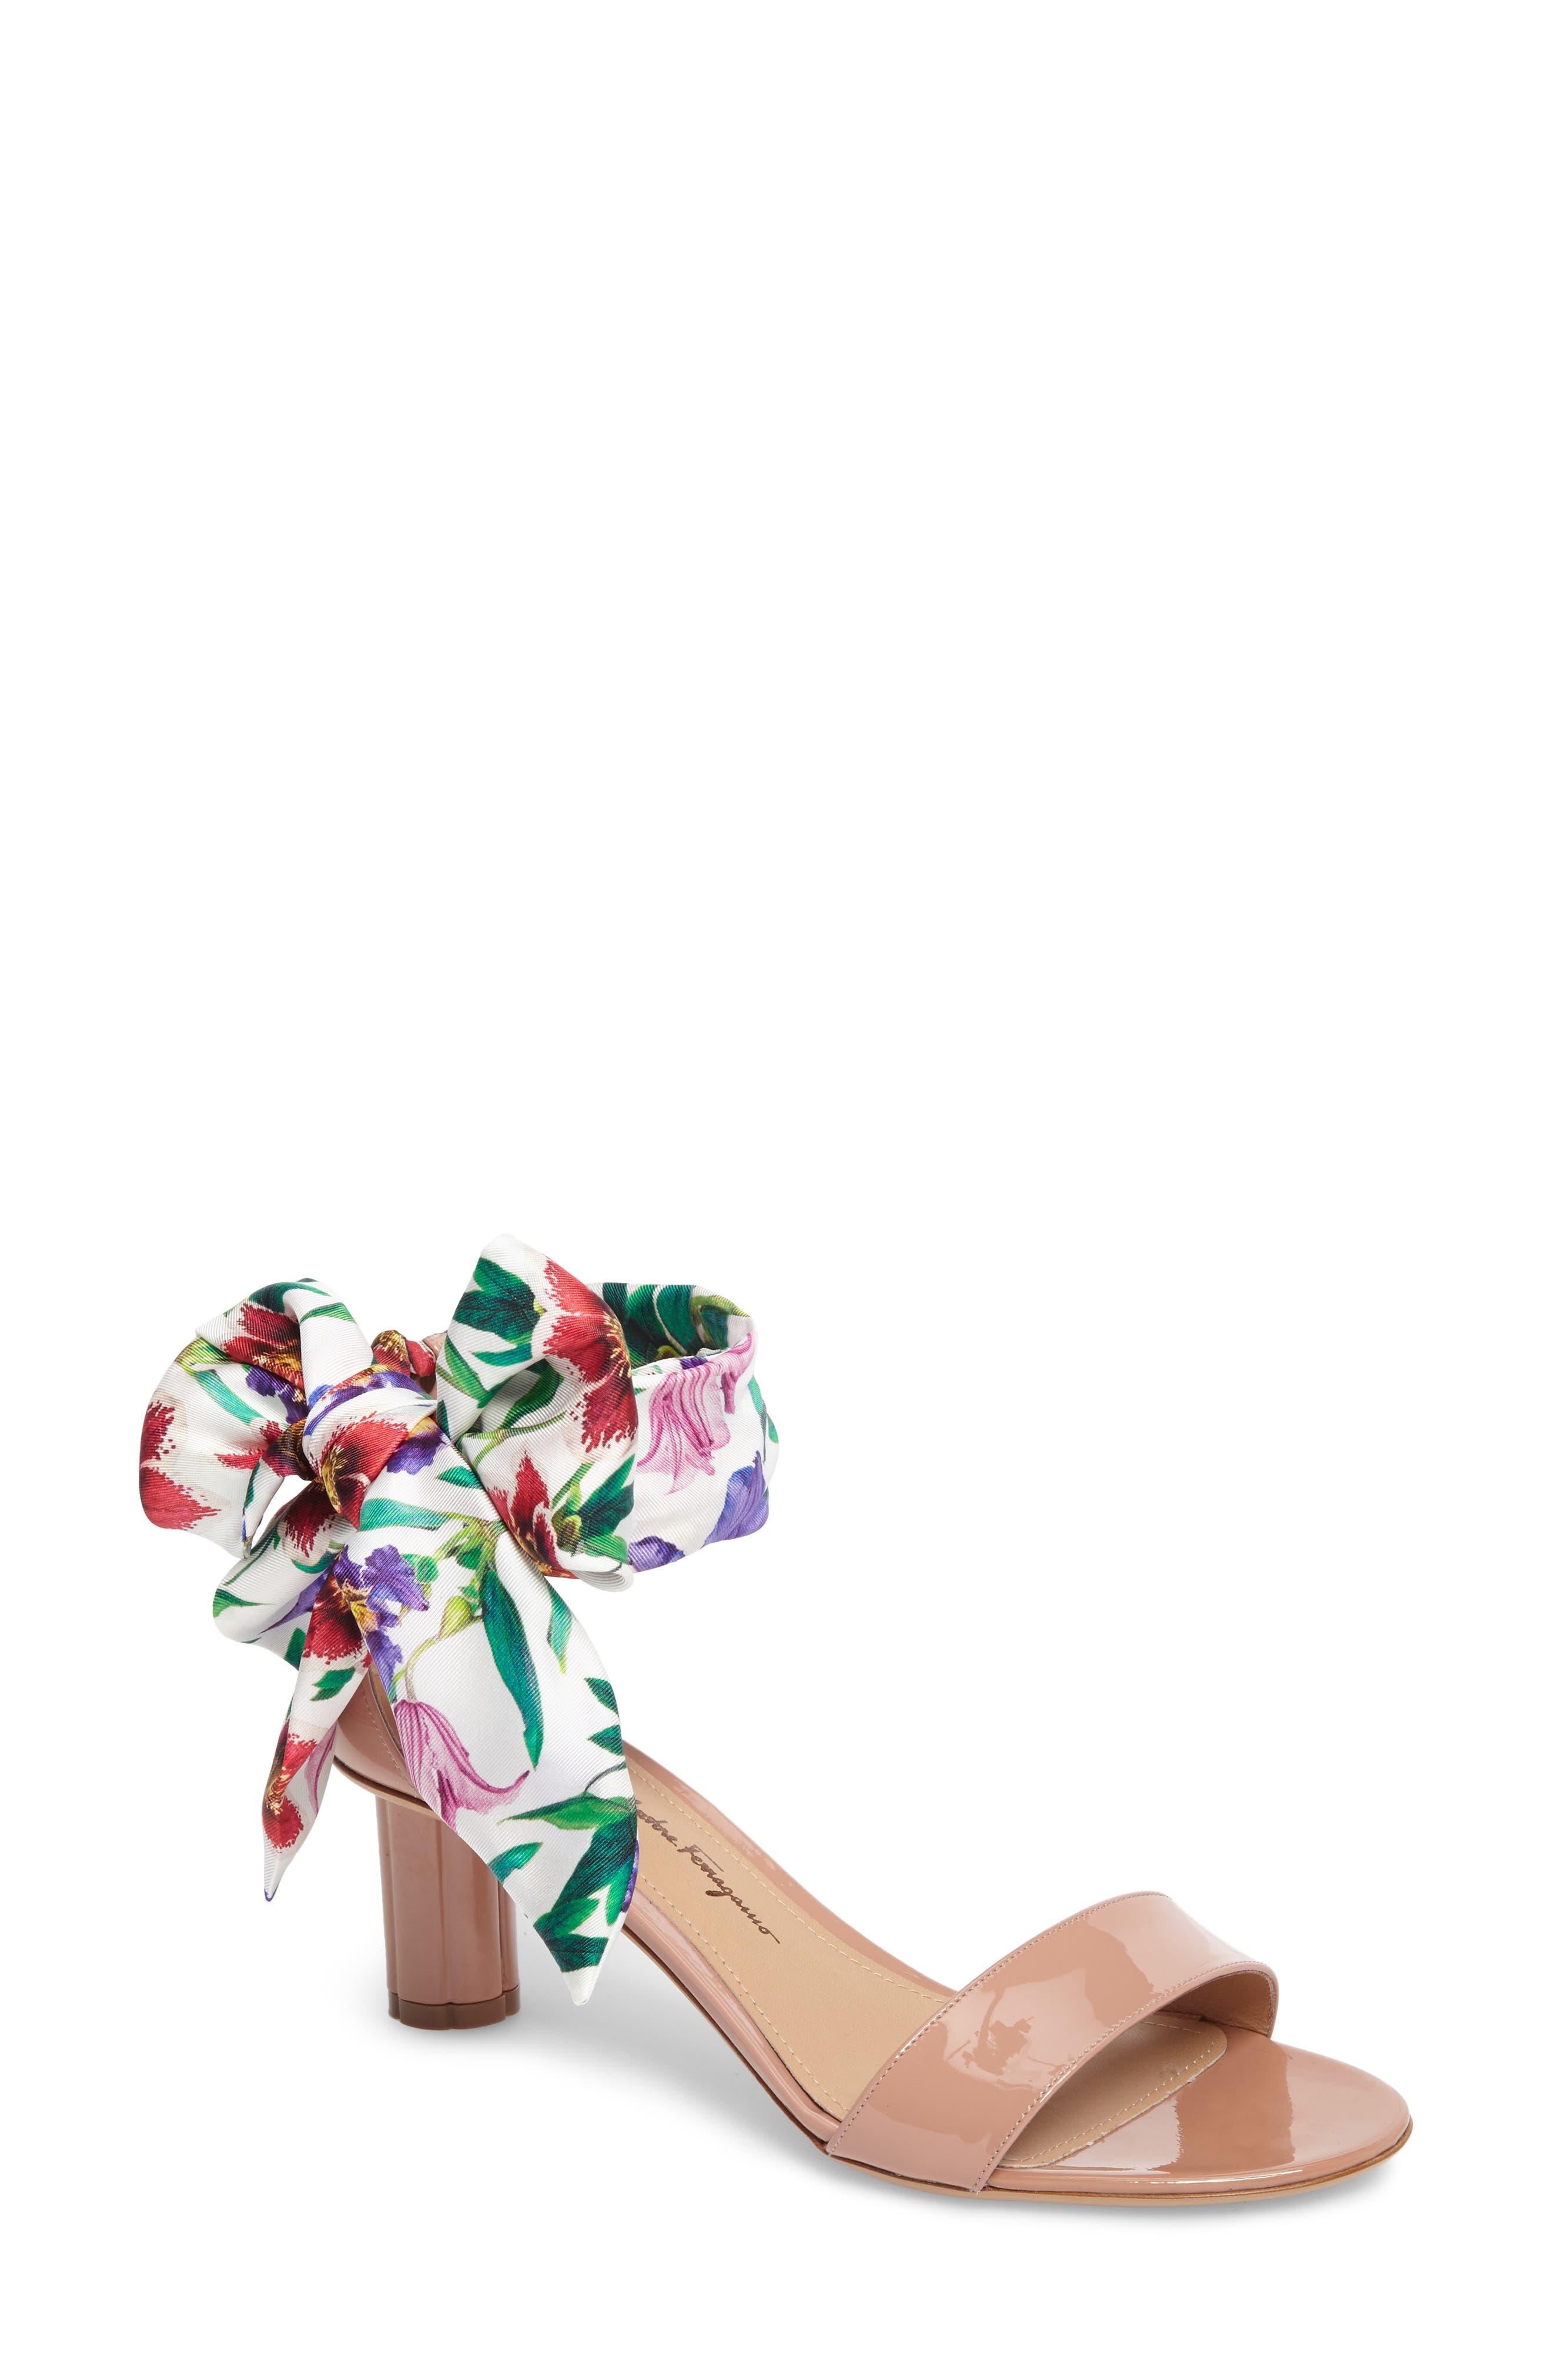 Tursi Sandal,                         Main,                         color, New Blush